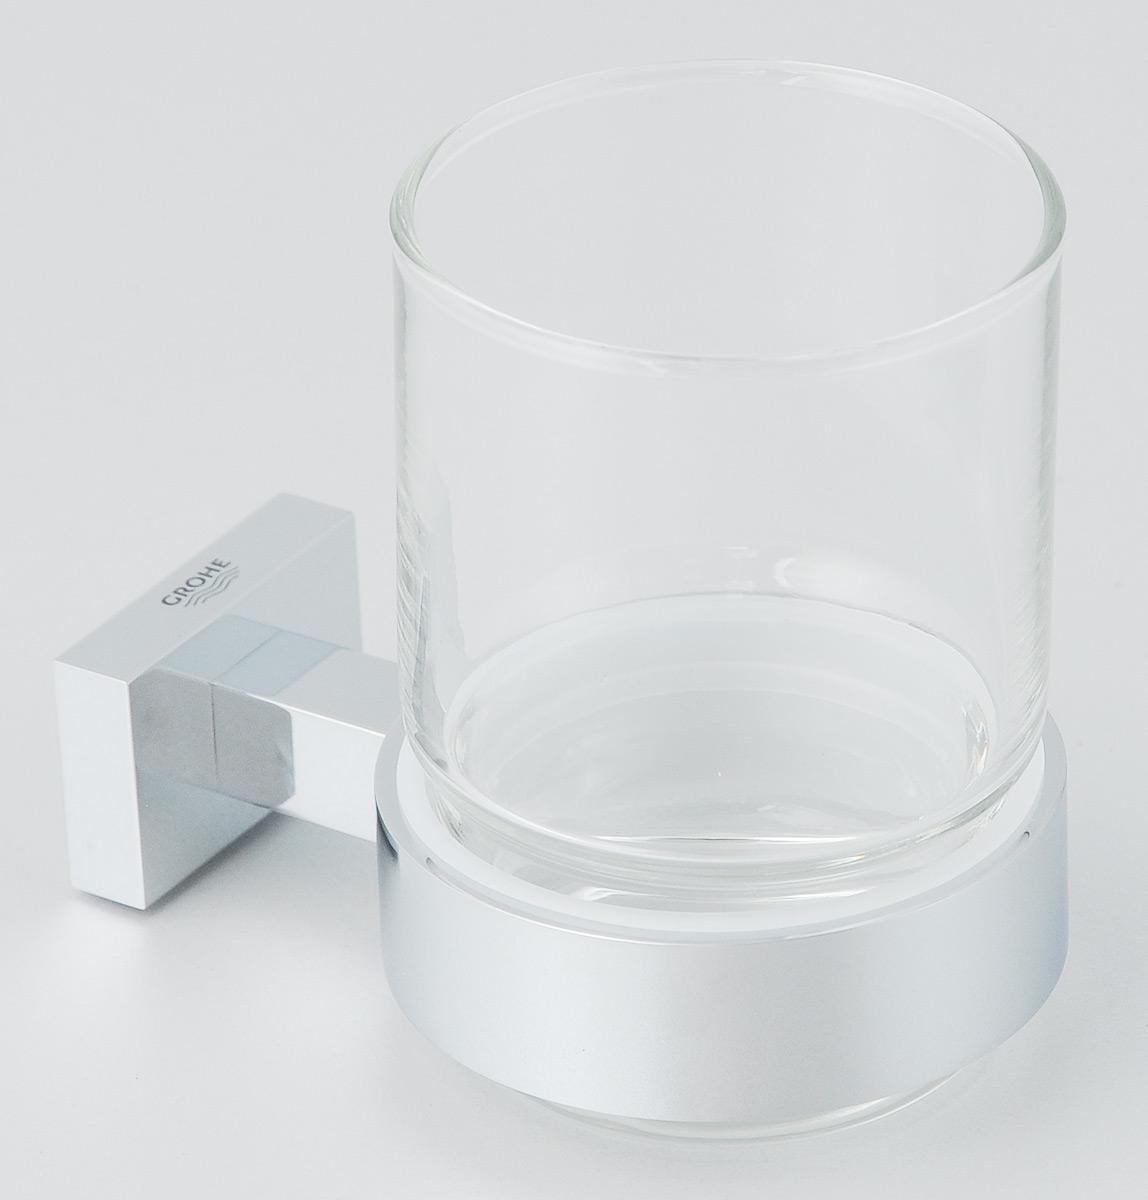 Стакан Grohe Essentials Cube, с держателем68/5/1Стакан с держателем Grohe Essentials Cube очень практичен и функционален. Стакан выполнен из толстого стекла. Держатель изготовлен из металла с хромированным покрытием. Благодаря специальной технологии Grohe StarLight покрытие обеспечивает сияющий блеск на протяжении всего срока службы. Кроме того, оно отталкивает грязь, не тускнеет и обладает высокой степенью износостойкости. Стакан крепится к стене (крепежные элементы поставляются в комплекте). Крепление скрытое.Благодаря неизменно актуальному дизайну и долговечному хромированному покрытию, такой стакан отлично дополнит интерьер ванной комнаты, воплощая собой изысканный стиль и превосходное качество.Диаметр стакана: 7 см. Высота стакана: 9,5 см.Размер (с держателем): 11 х 7 х 9,5 см.